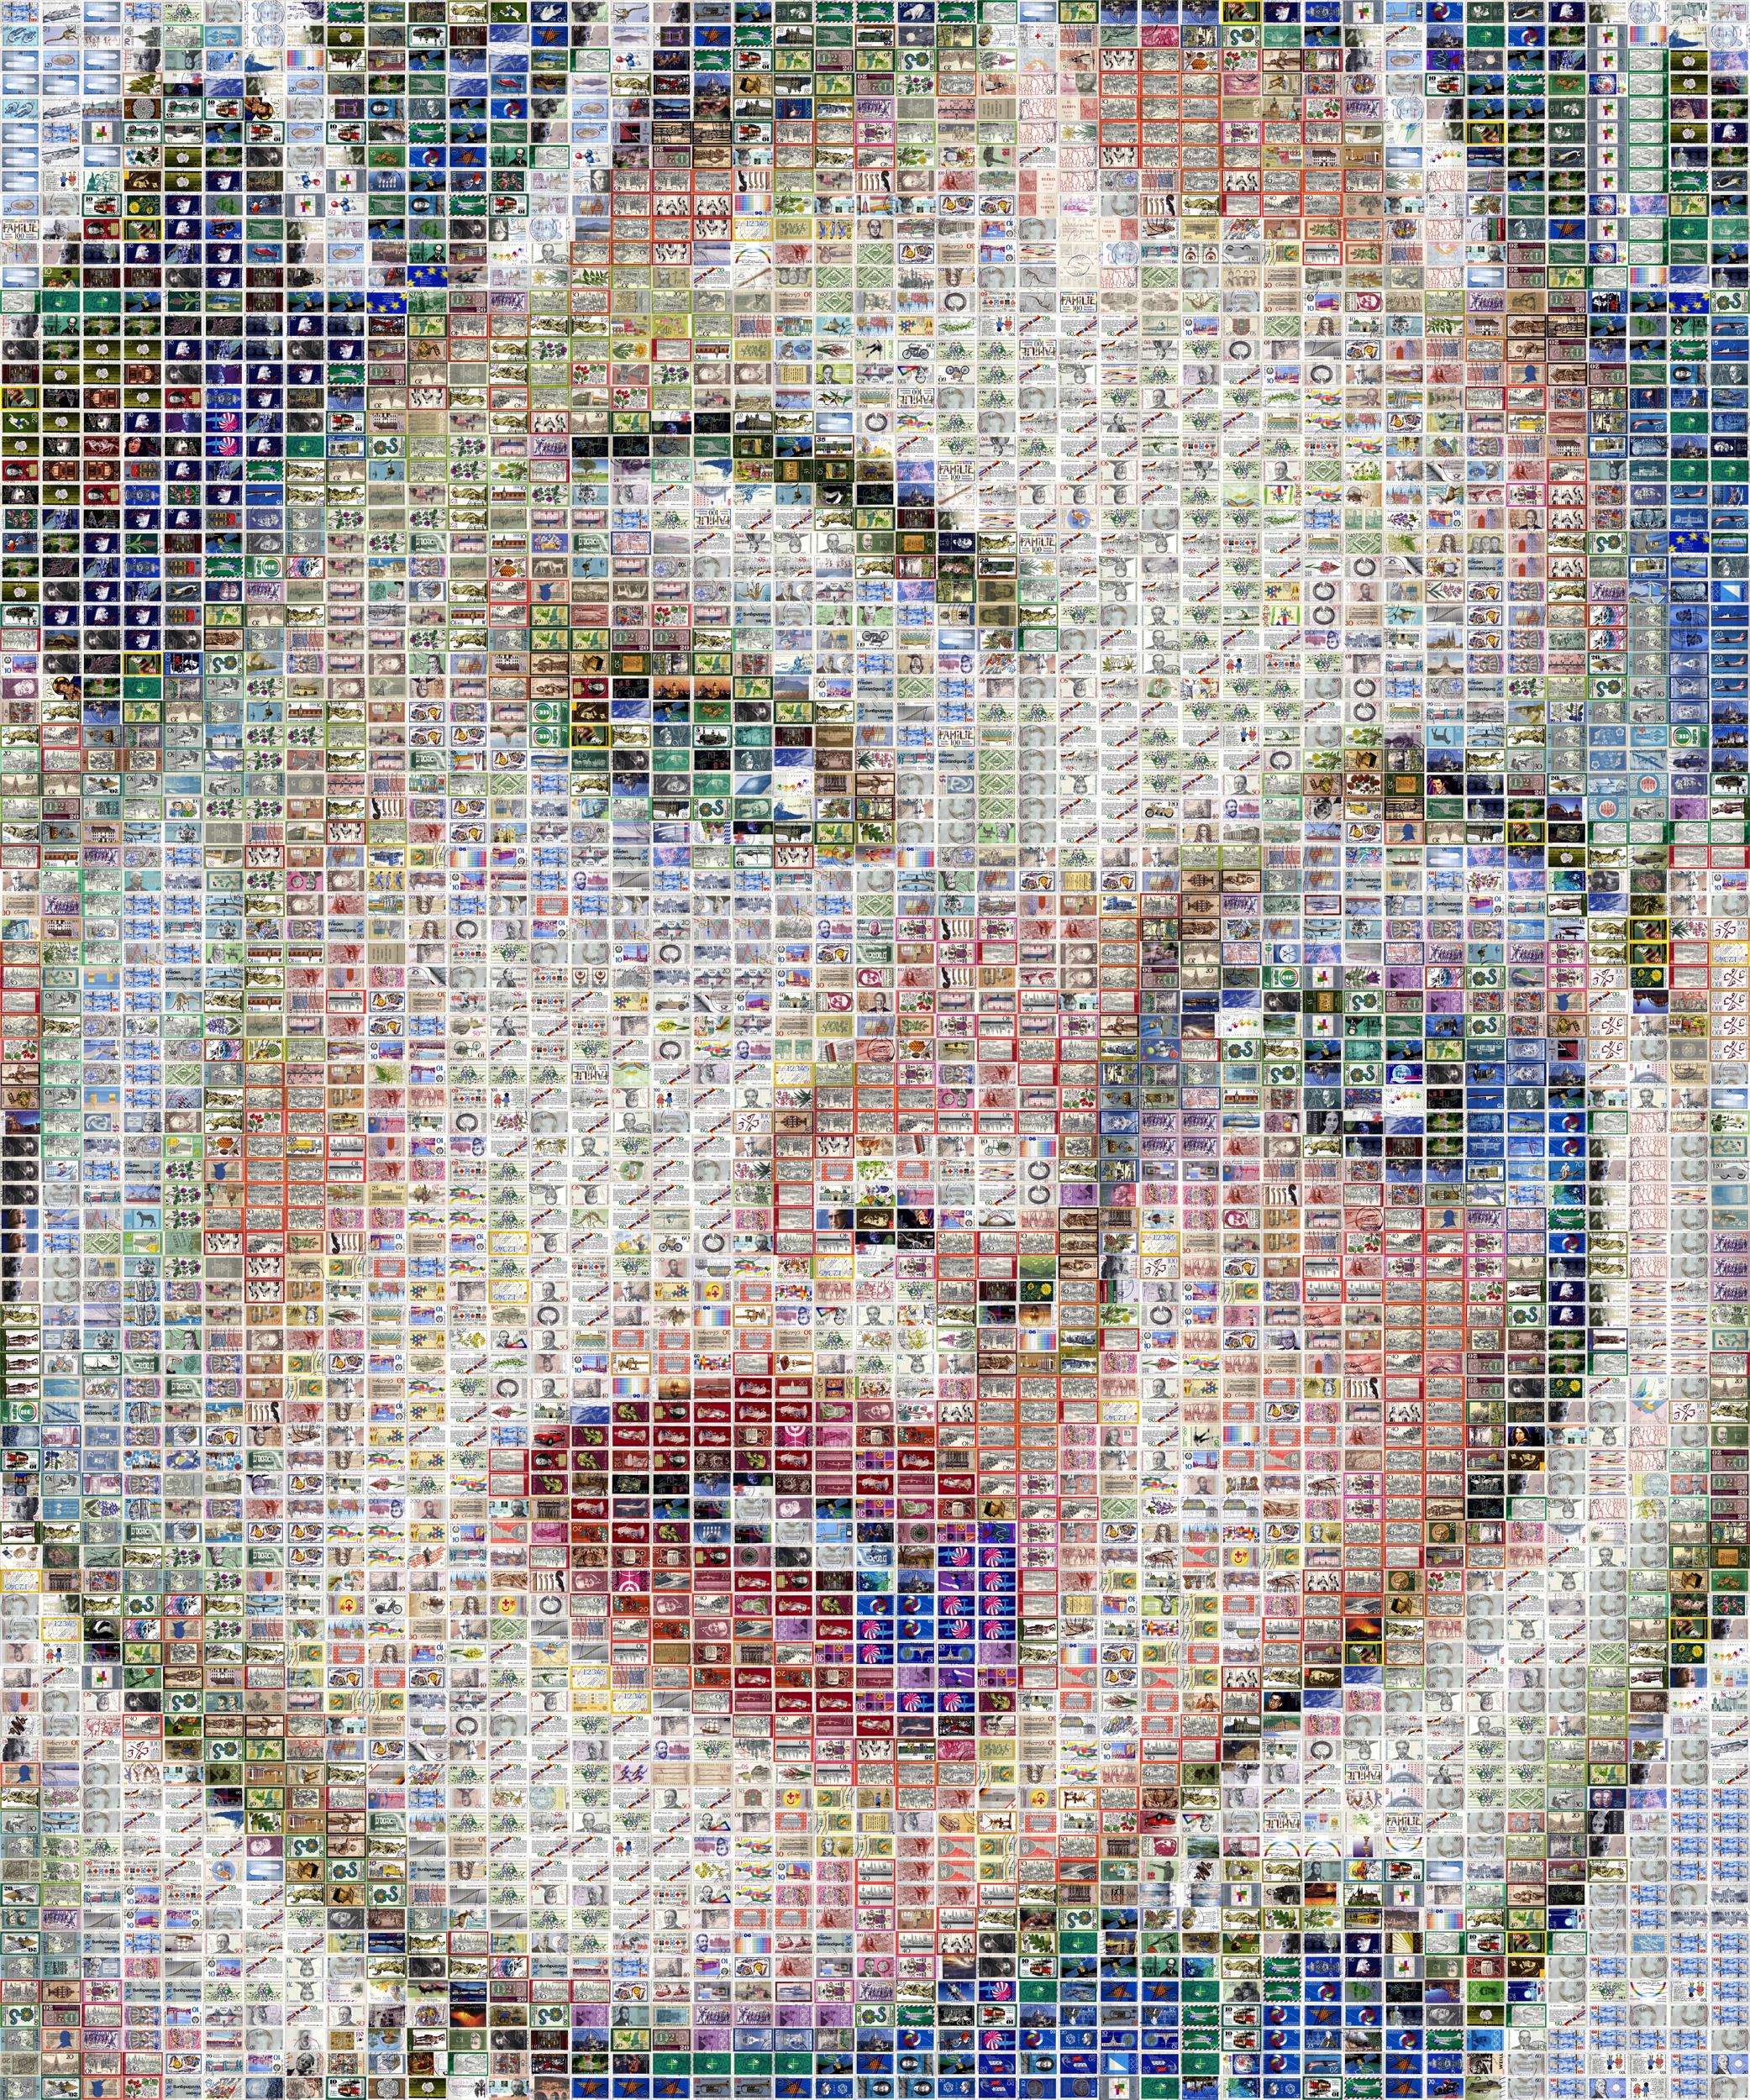 Jennifer-Lawrence_Daniel-Voelker.jpg